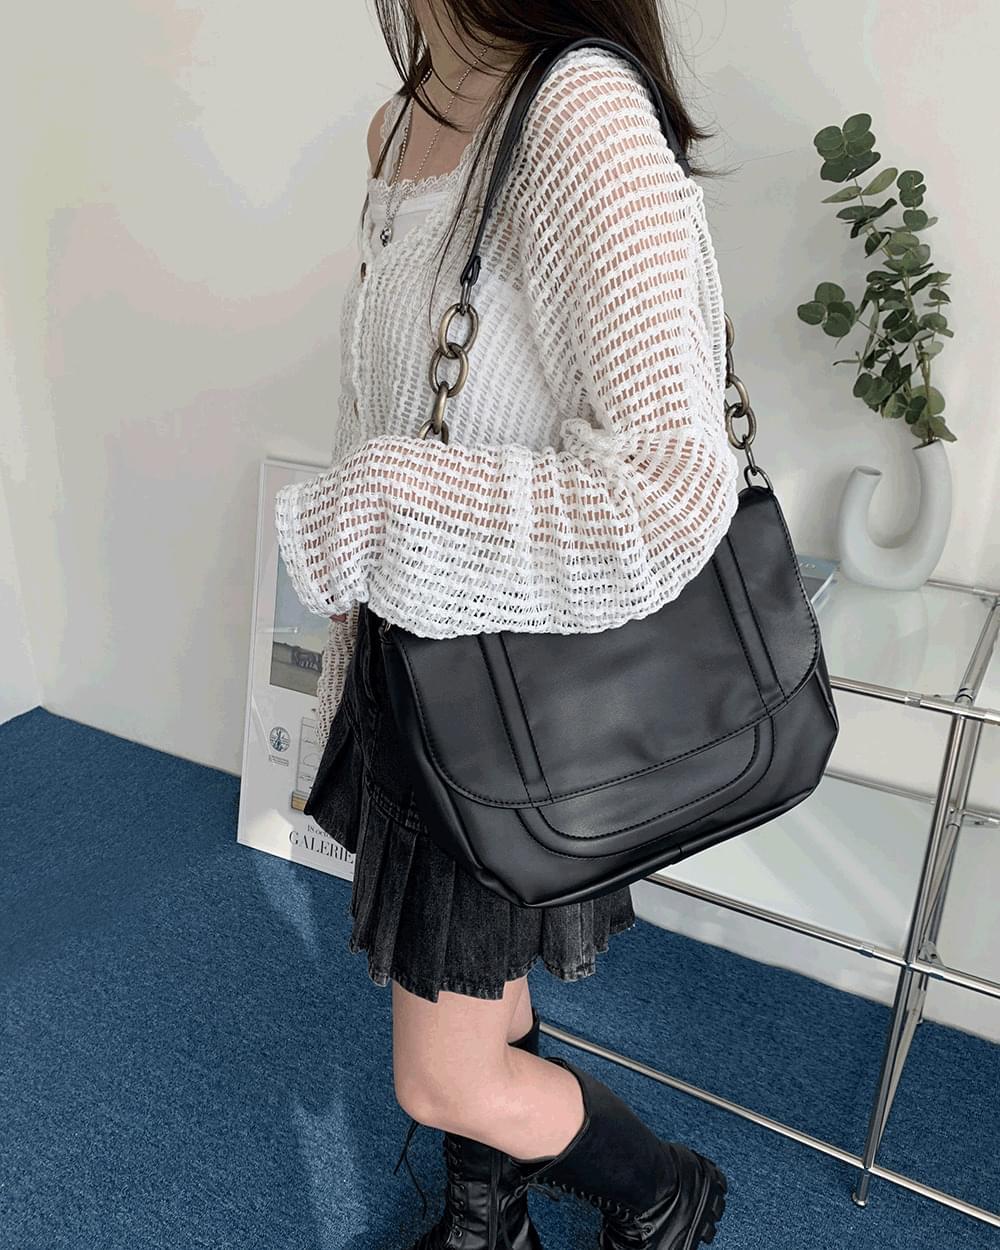 Carpe Chain Strap Black Leather Big Shoulder Bag